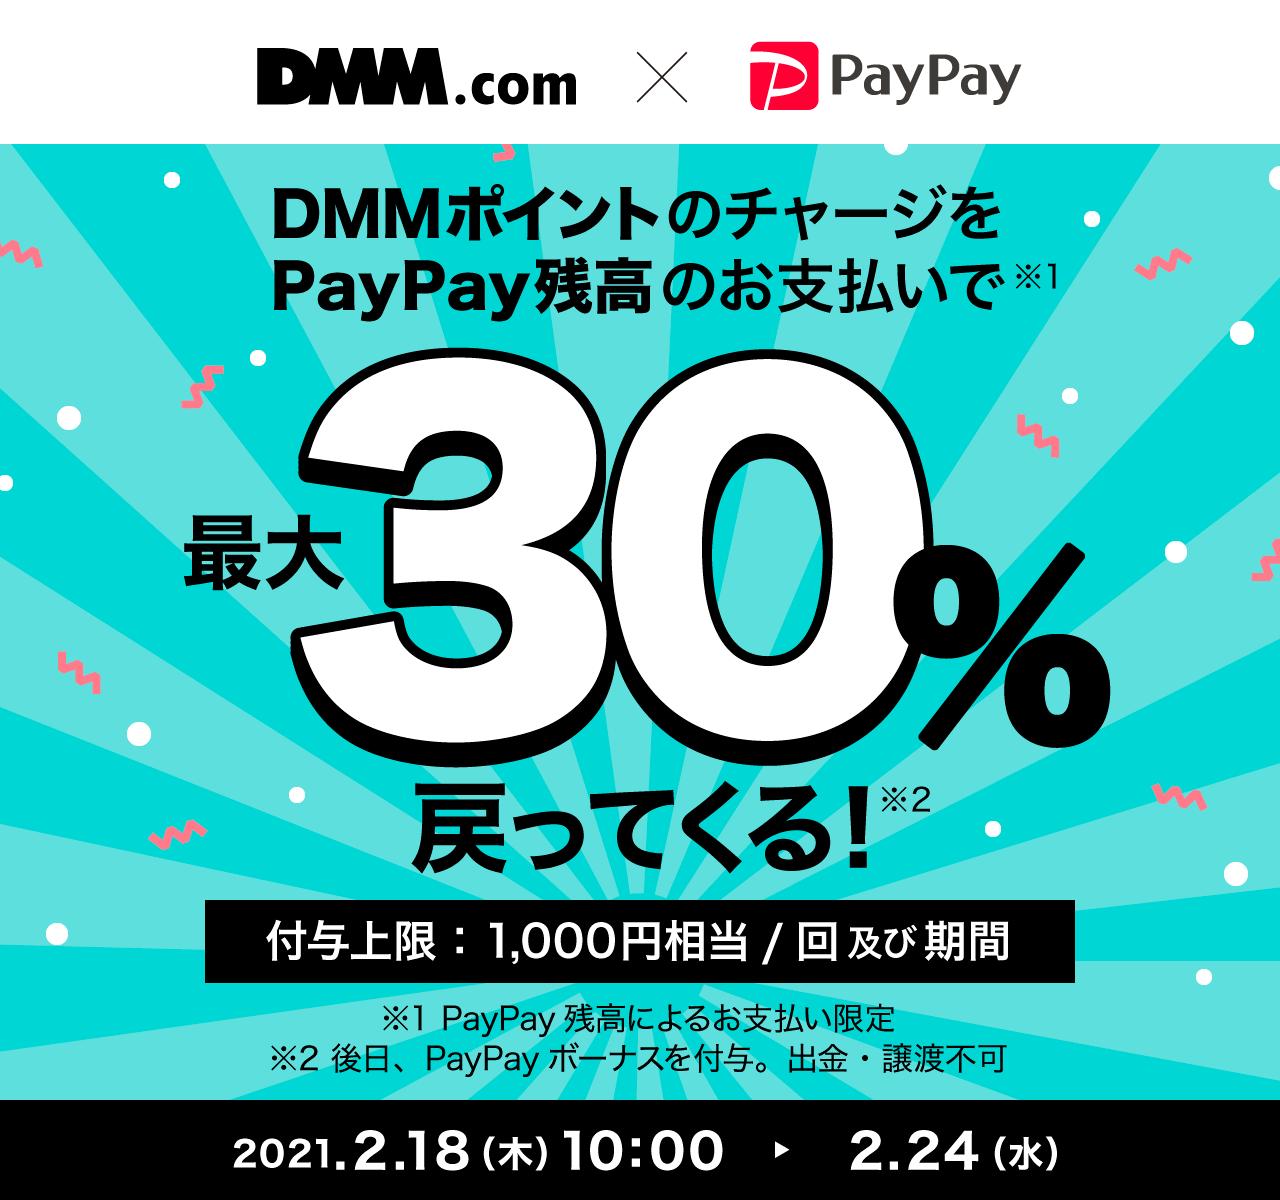 DMMポイントのチャージをPayPay残高でのお支払いで最大30%戻ってくる!